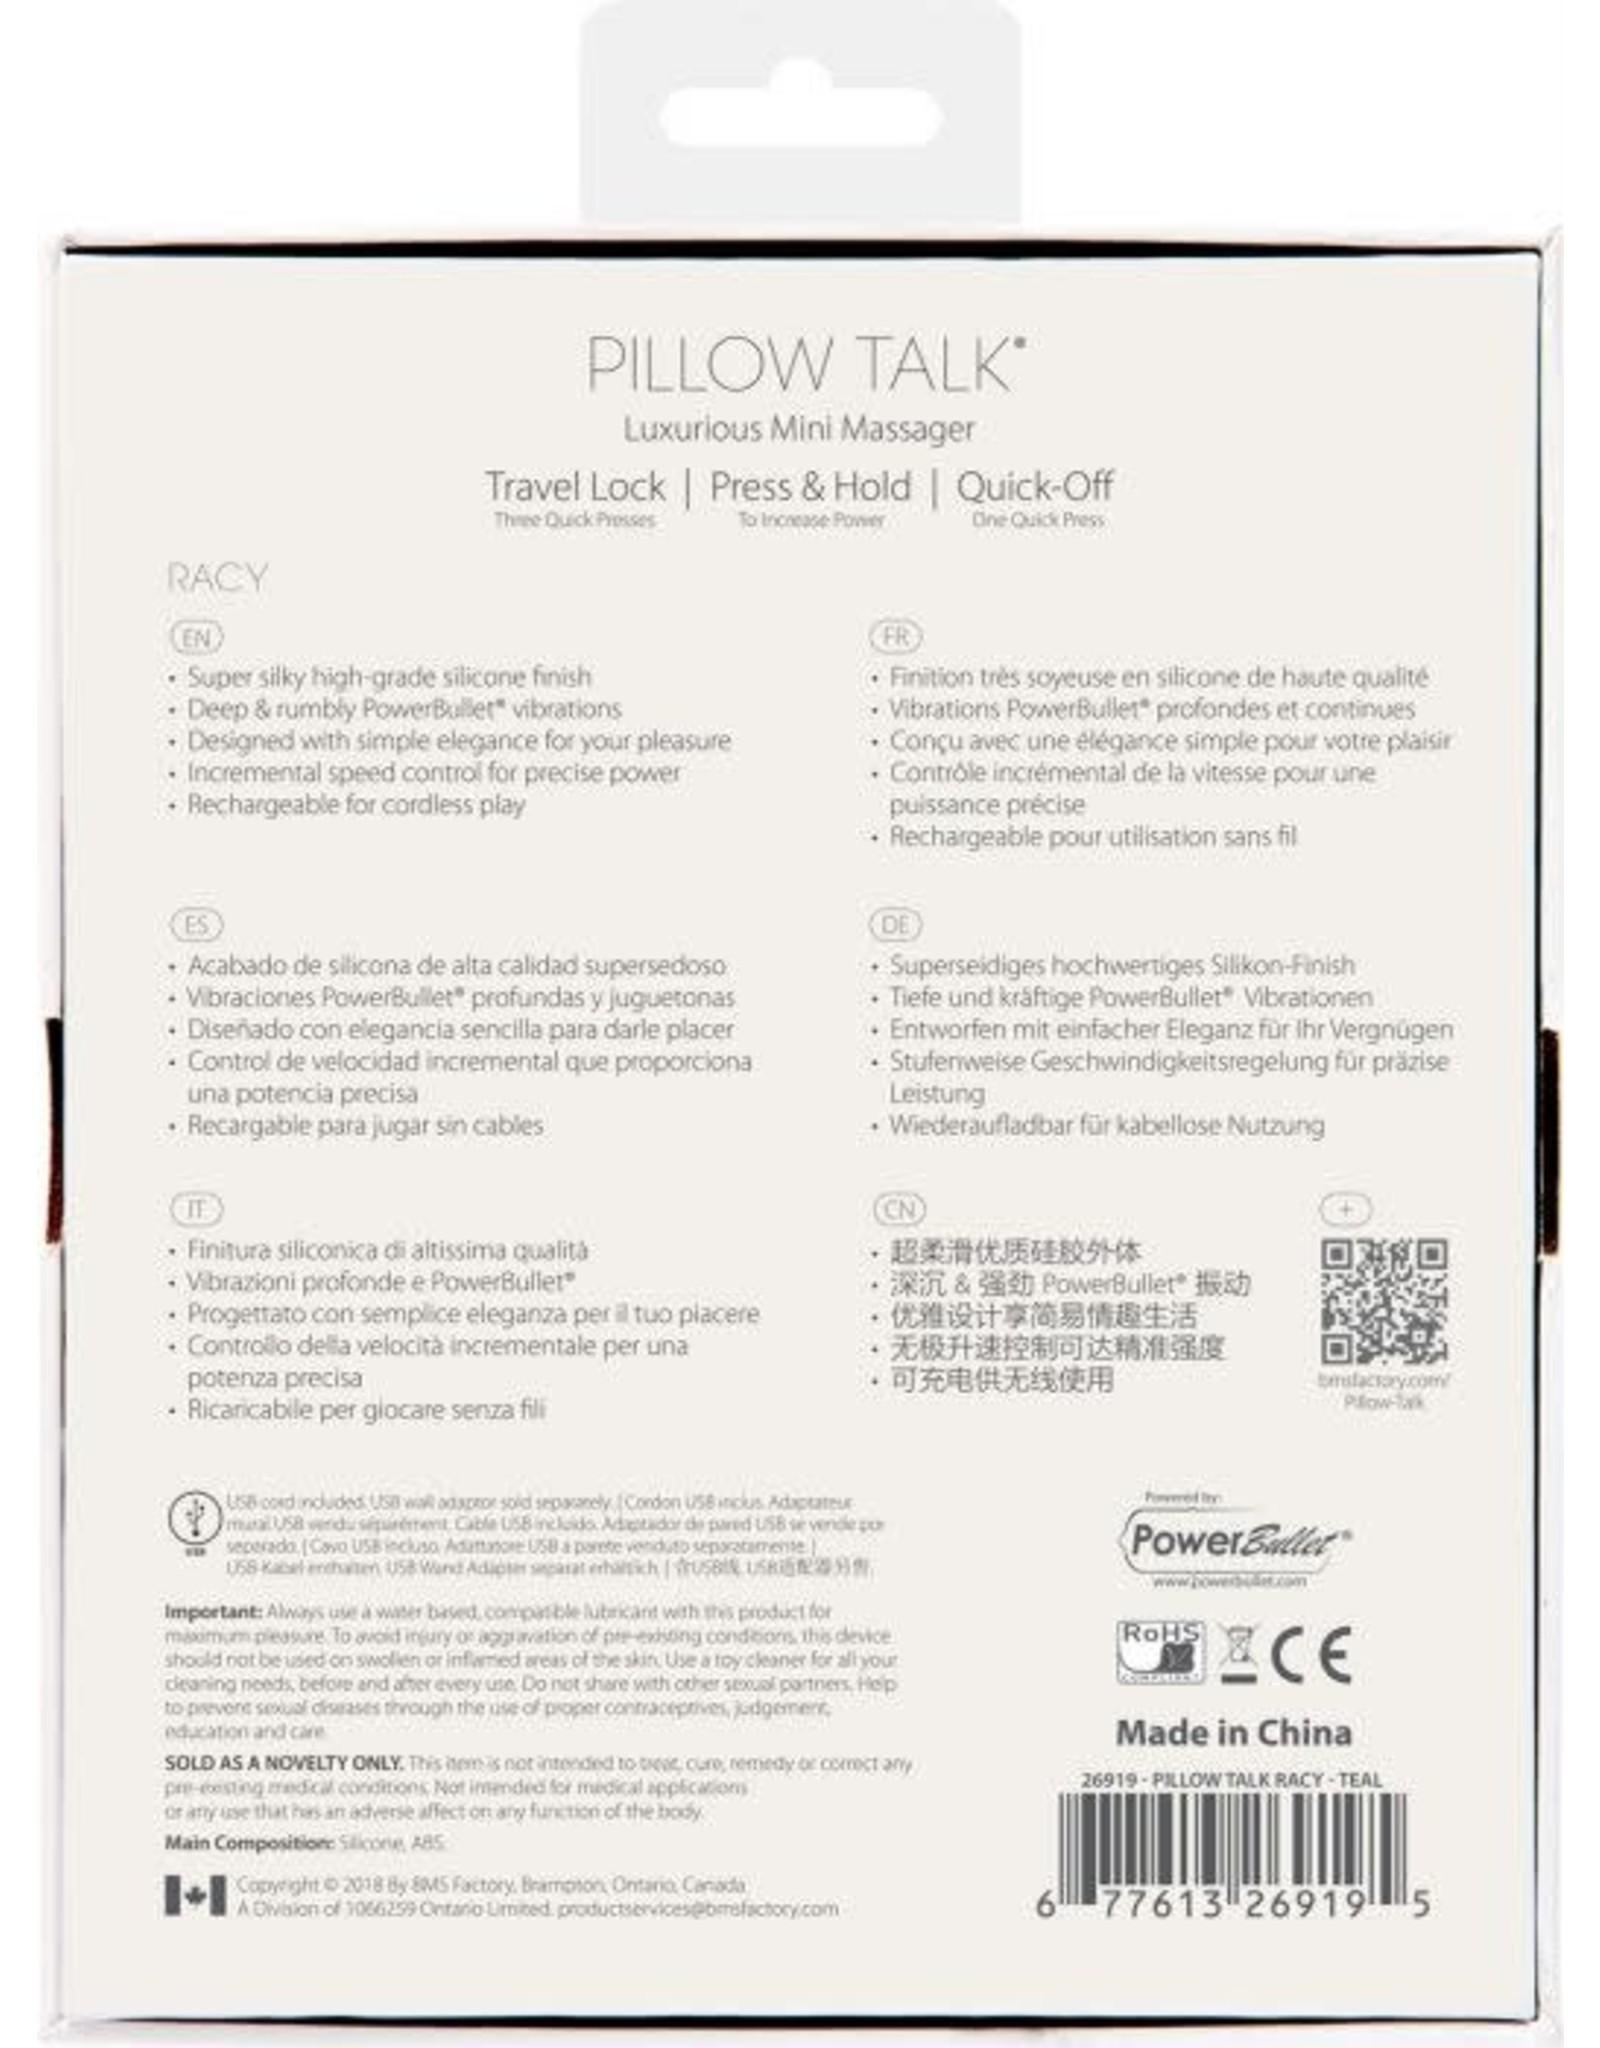 PILLOW TALK - RACY - TEAL